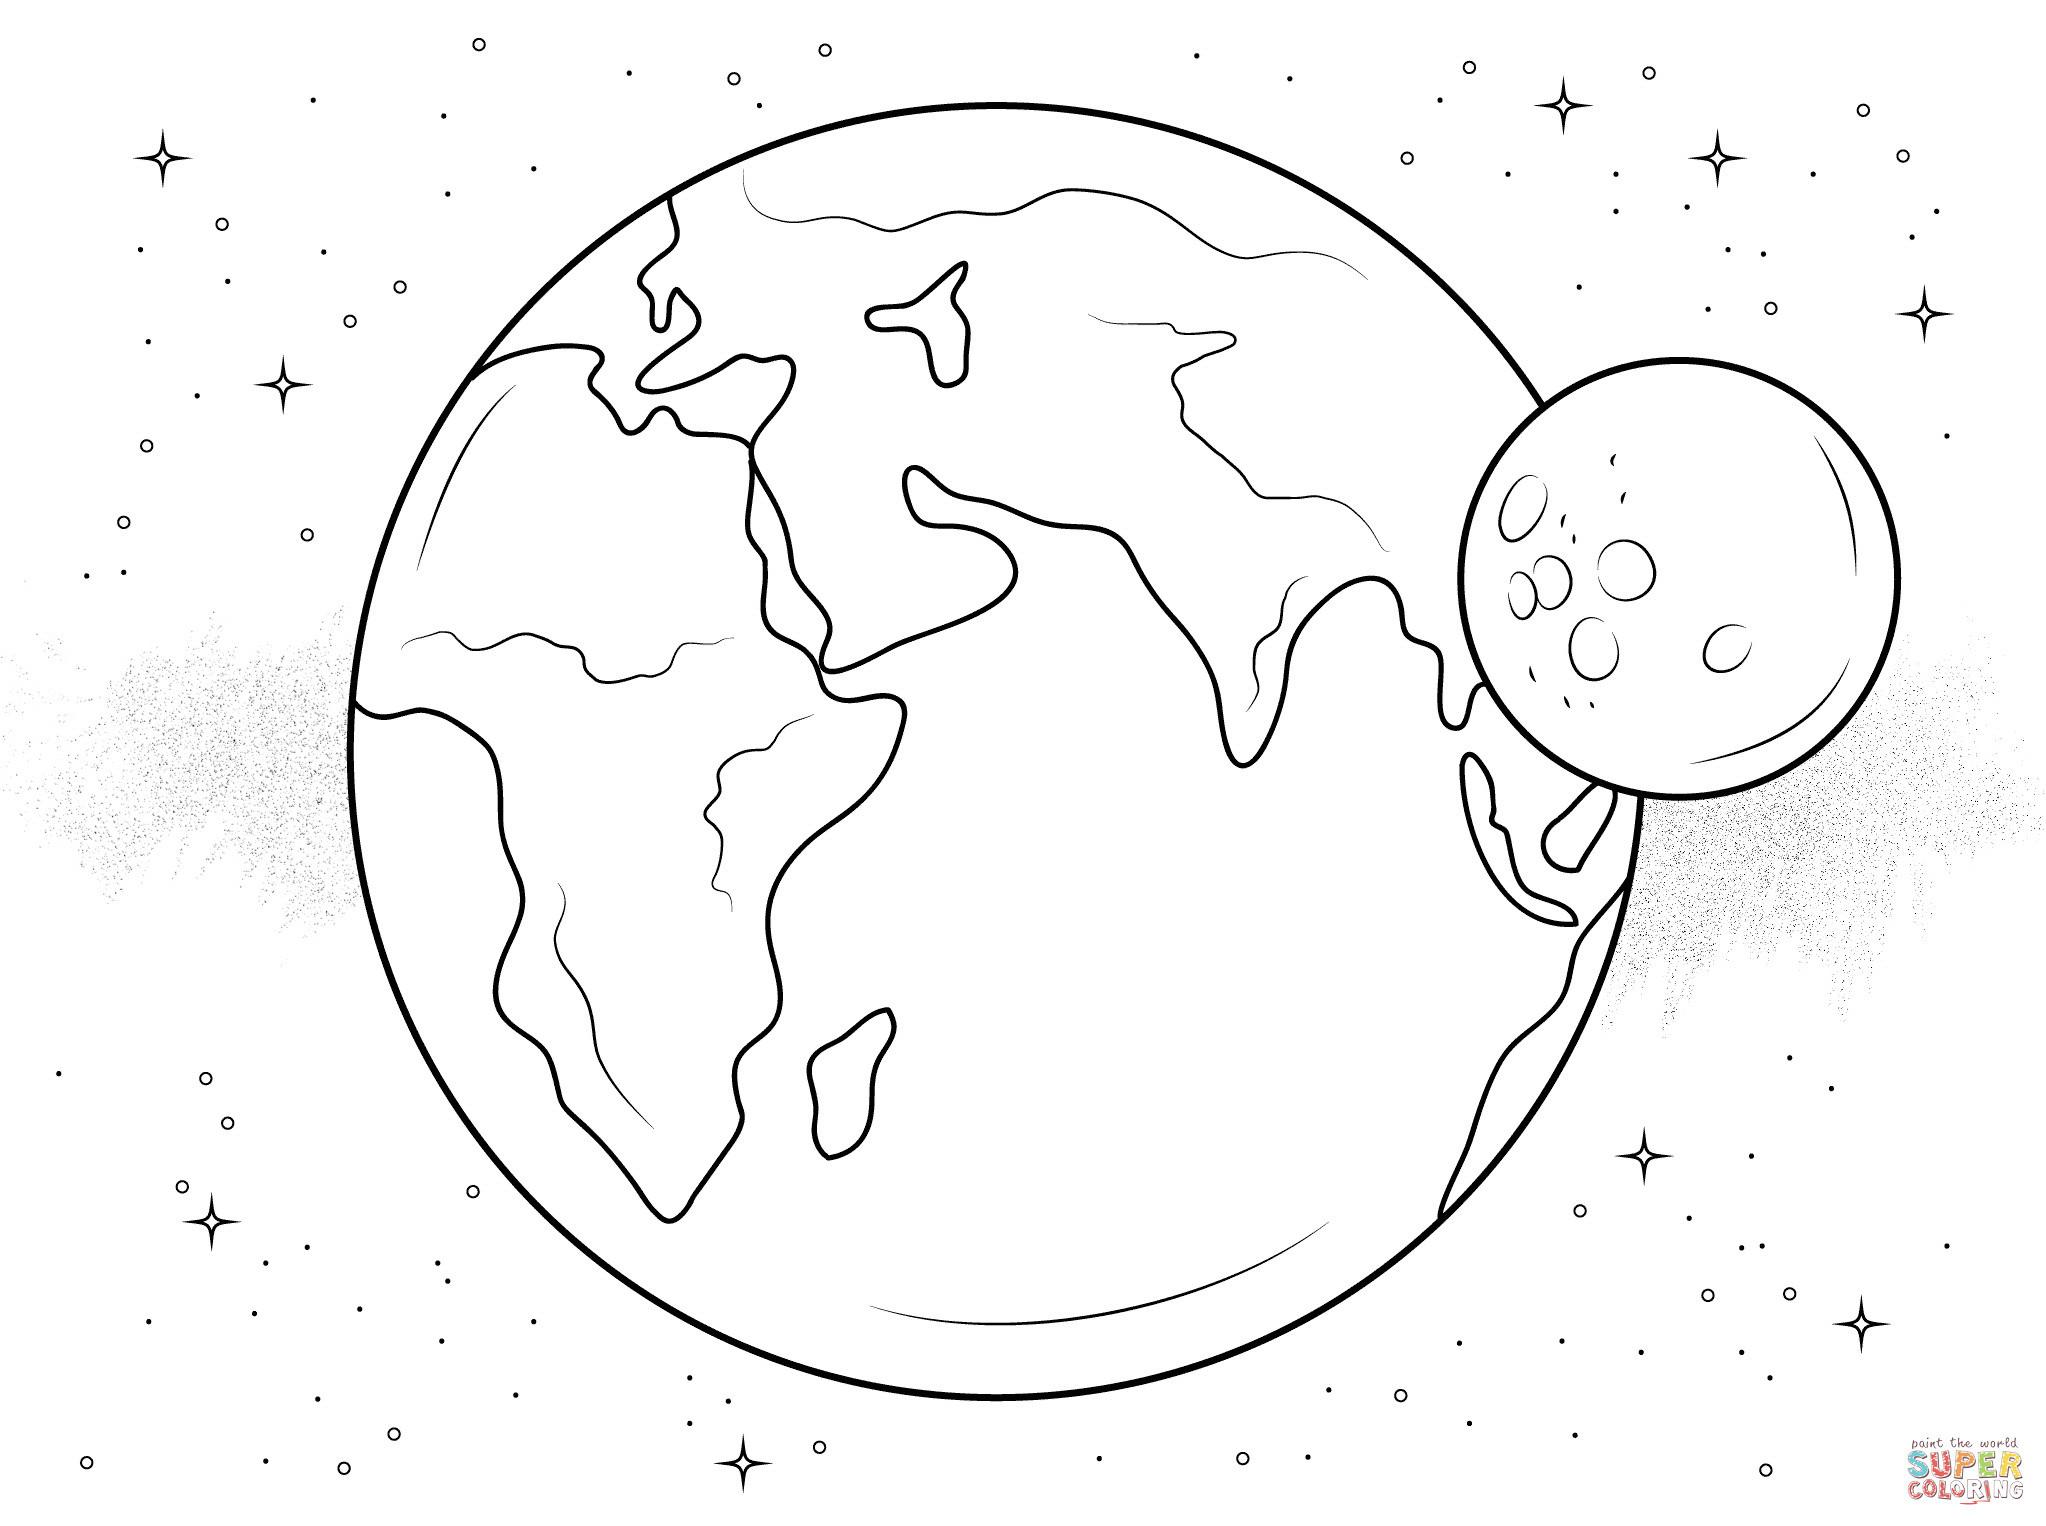 Planeten Und Sterne Ausmalbilder Inspirierend Ausmalbild Erde Und Mond Best Ausmalbilder Planeten Bilder